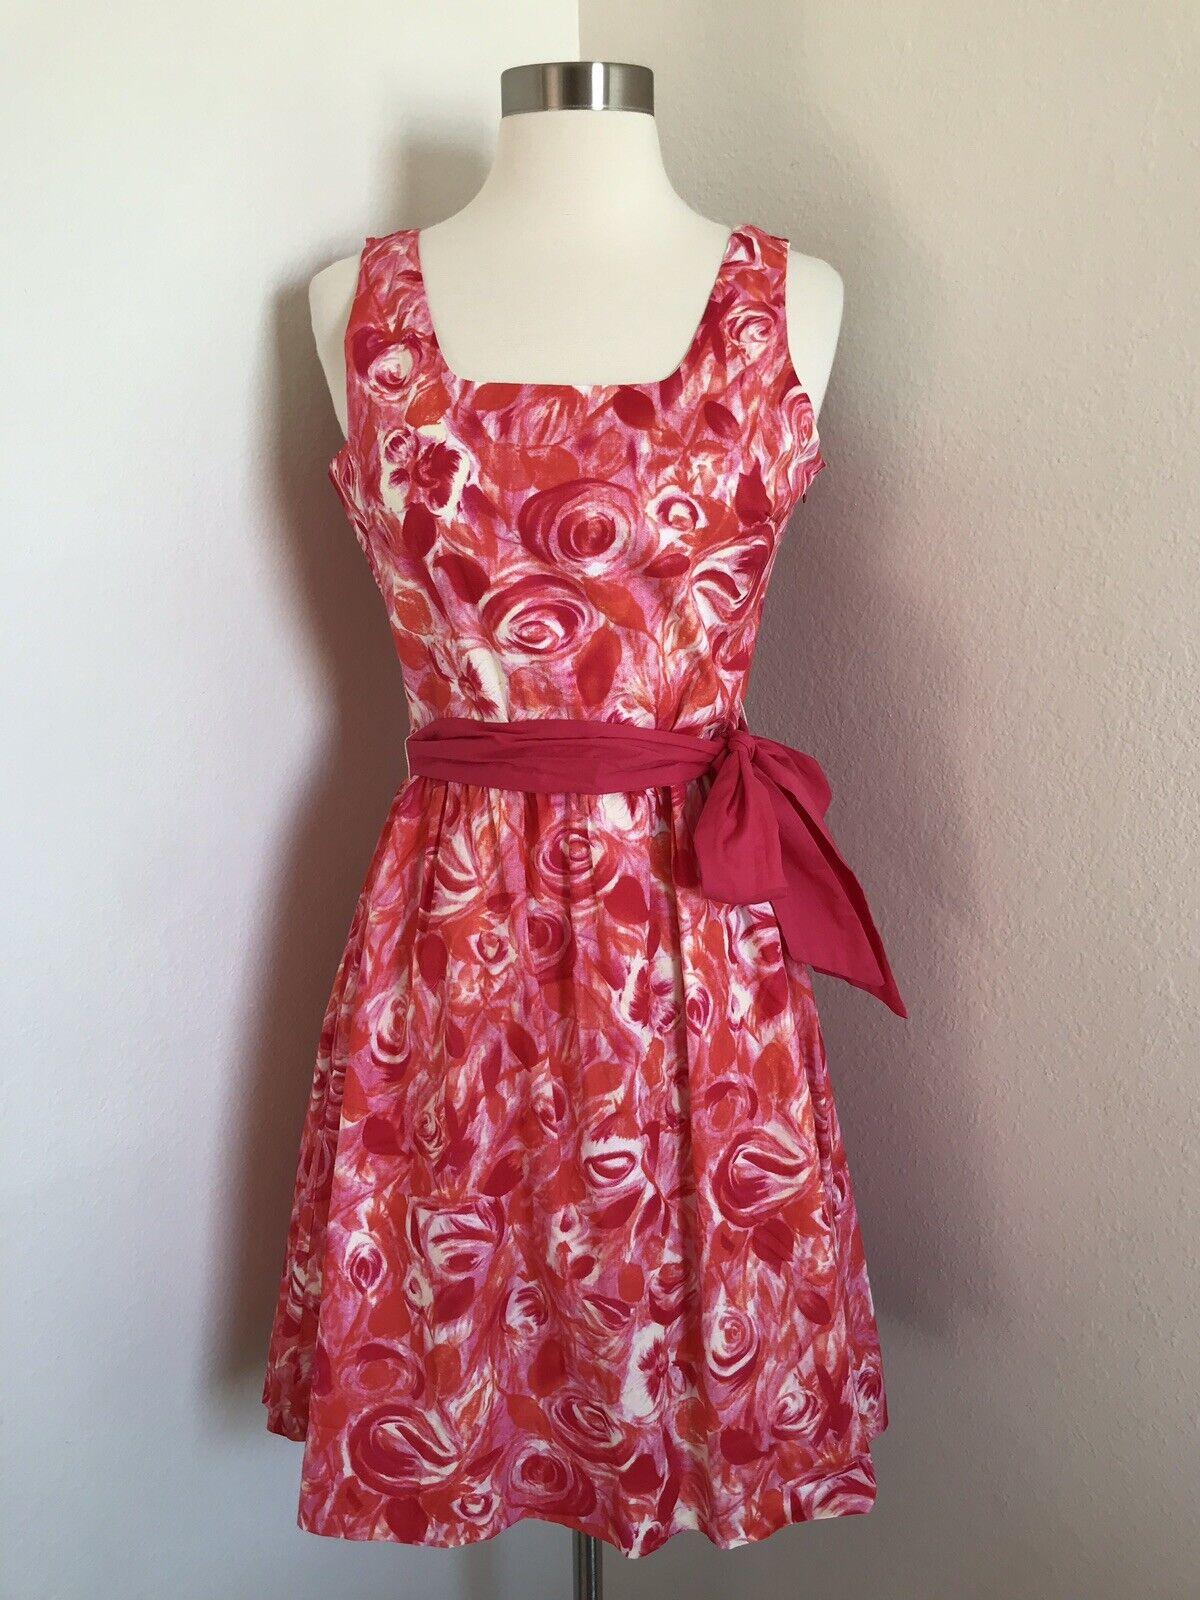 Garnet Hill Floral Rosa Fit & Flare Summer Sun Dress Cute Rosa rot damen Größe 4